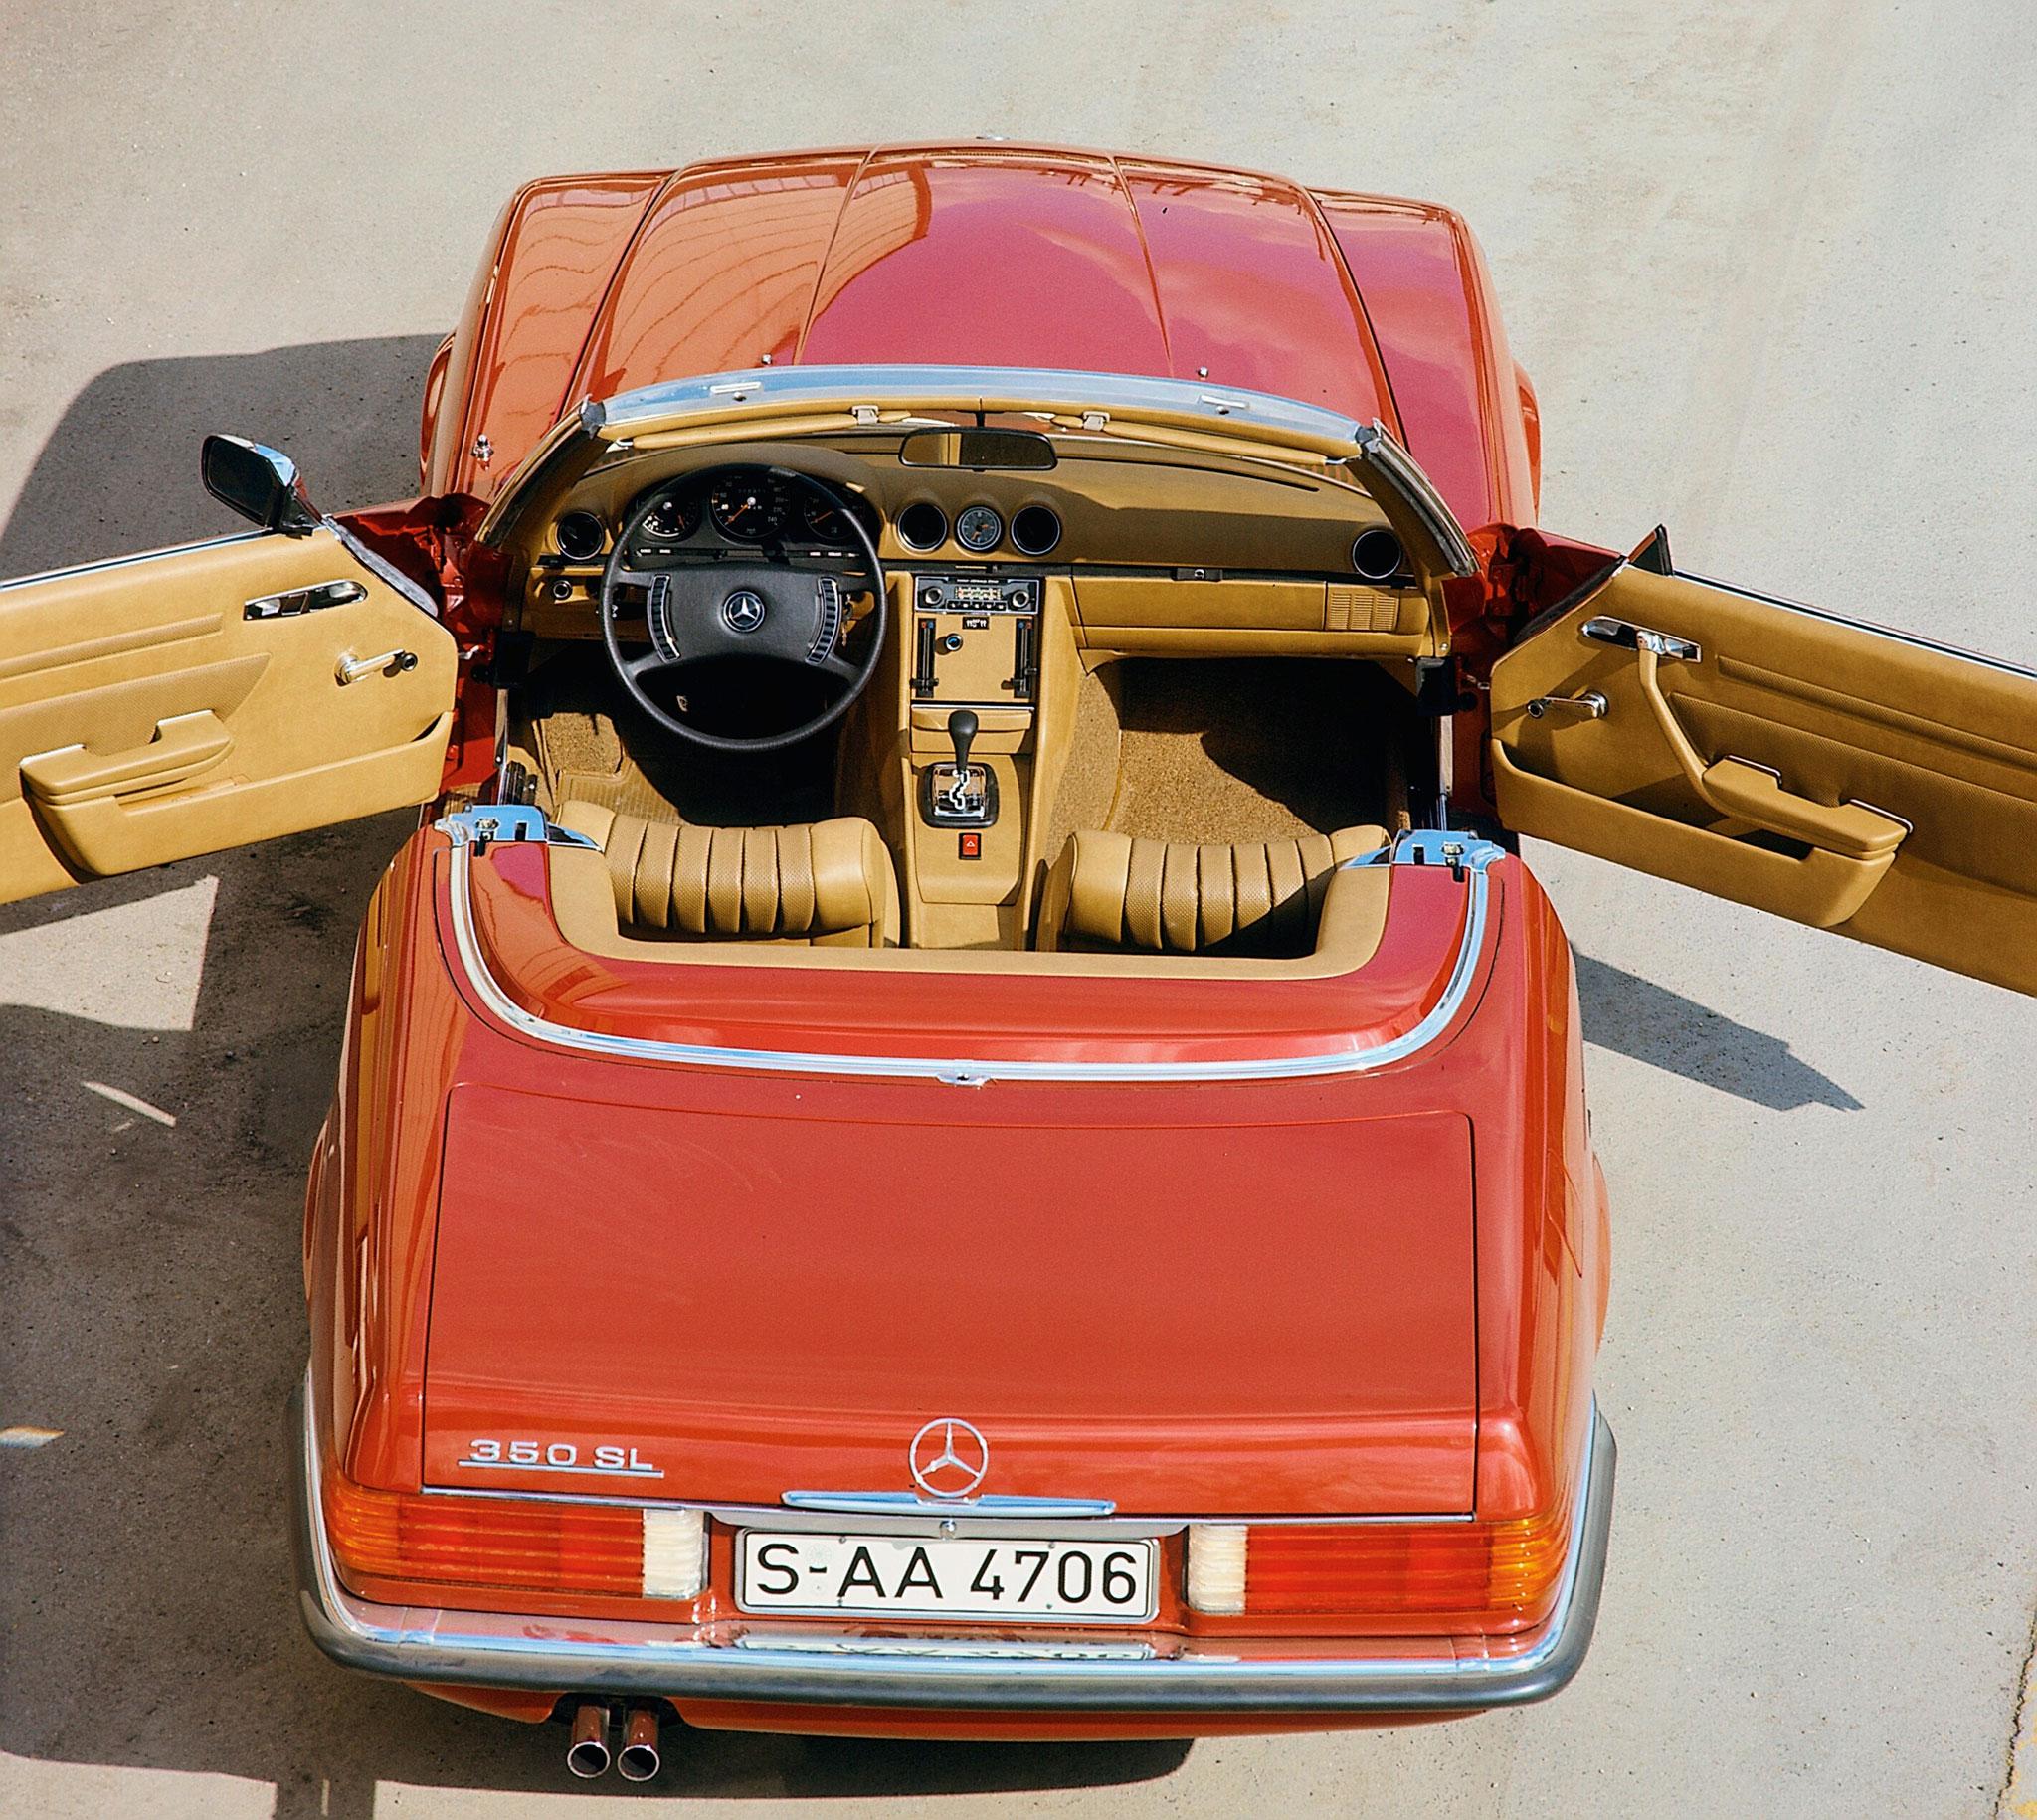 1971-1989 1980 Mercedes-Benz 350 SL R 107 l'intérieur est spacieux et accueille deux personnes dans de profonds sièges en cuir.